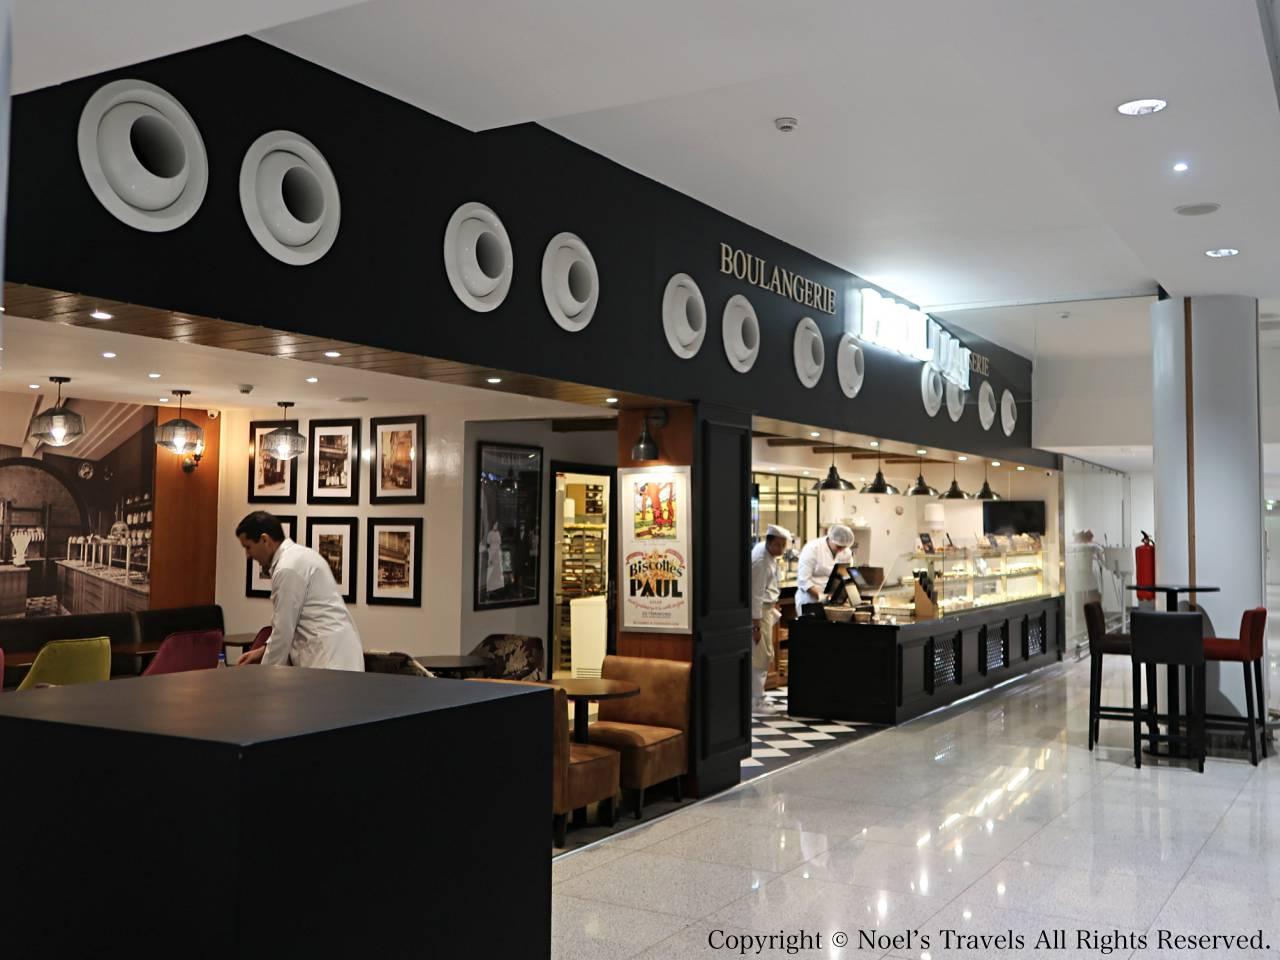 カサブランカ空港のパン屋「Paul」